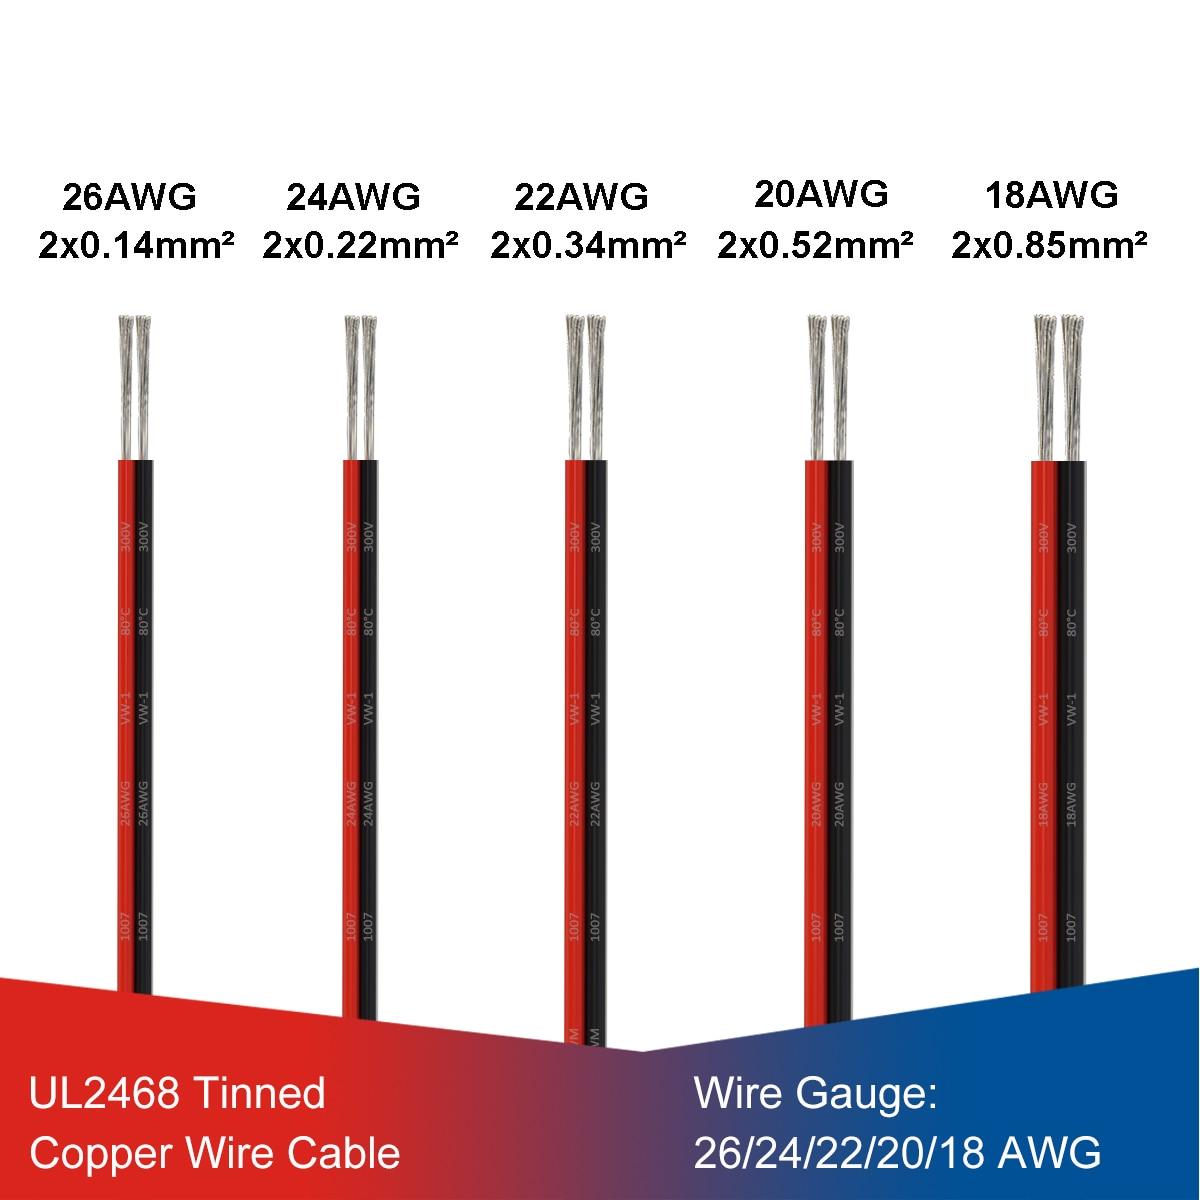 UL2468 2 Pin Elektrische Draden 2 Pin Draad Led Strip Kabel 28/26/24/22/20/18 awg Vertind Koperdraad Voor Led Elektronische Schakelaar Diy